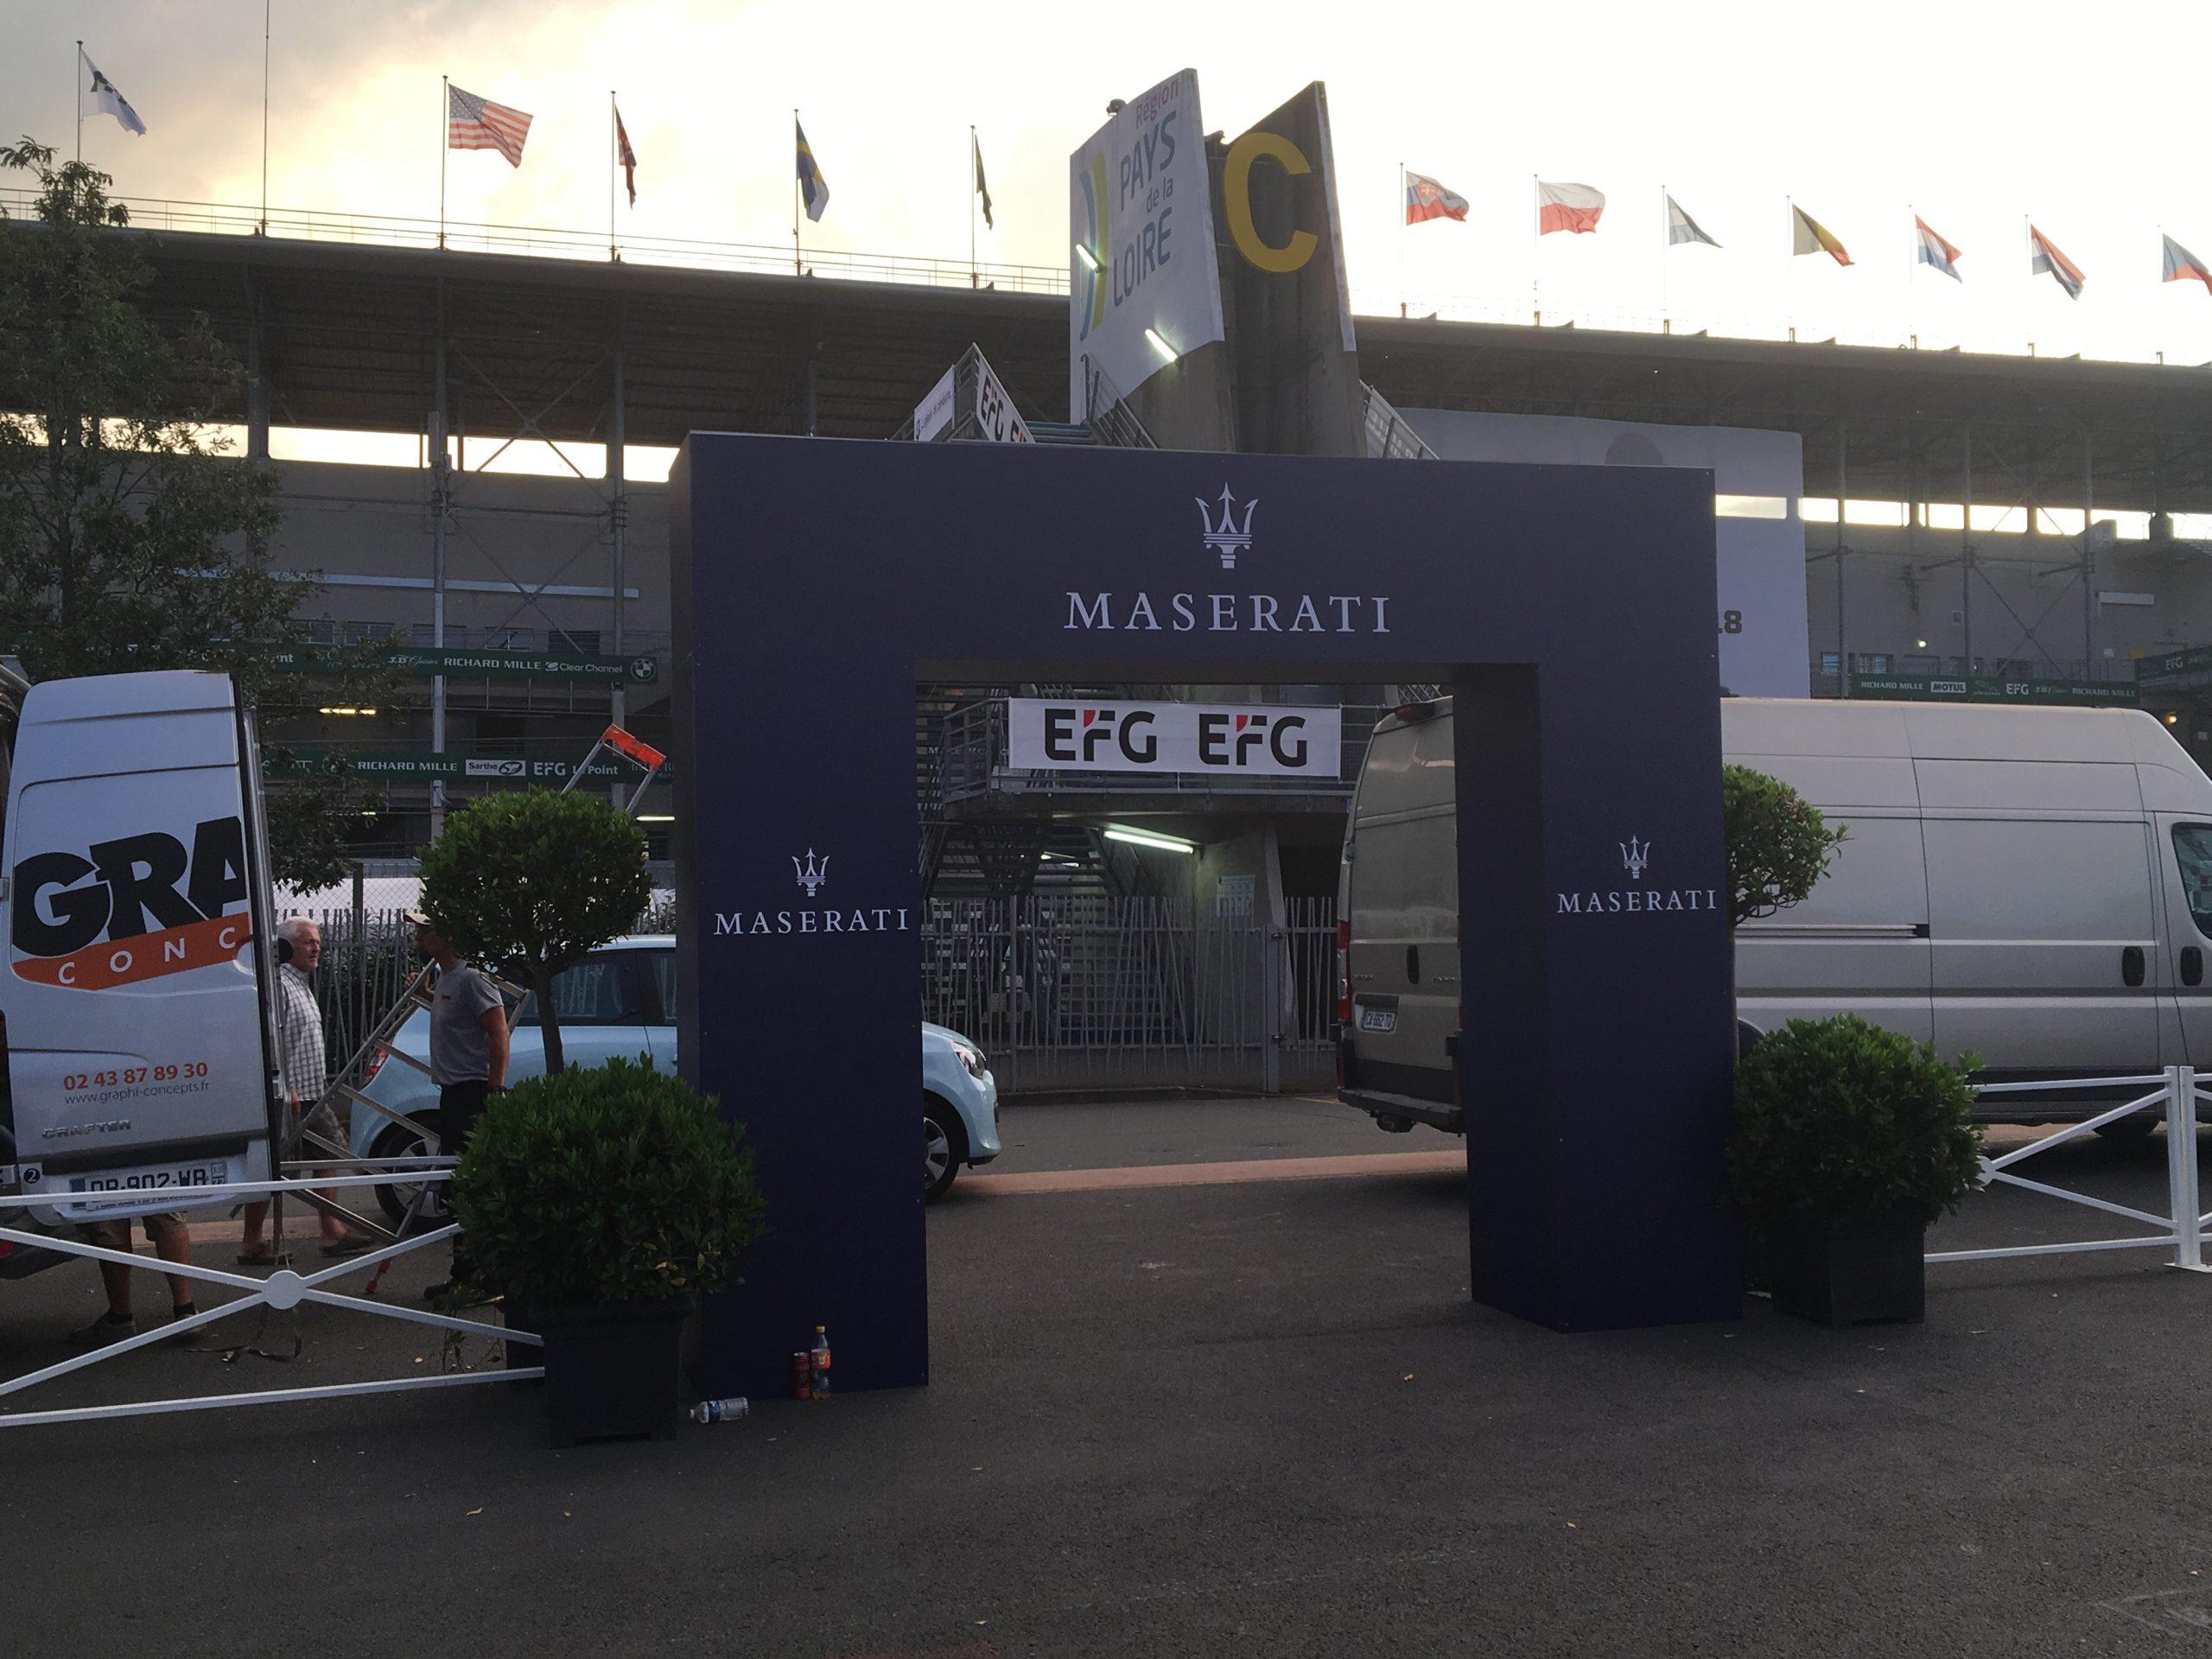 Arche Maserati